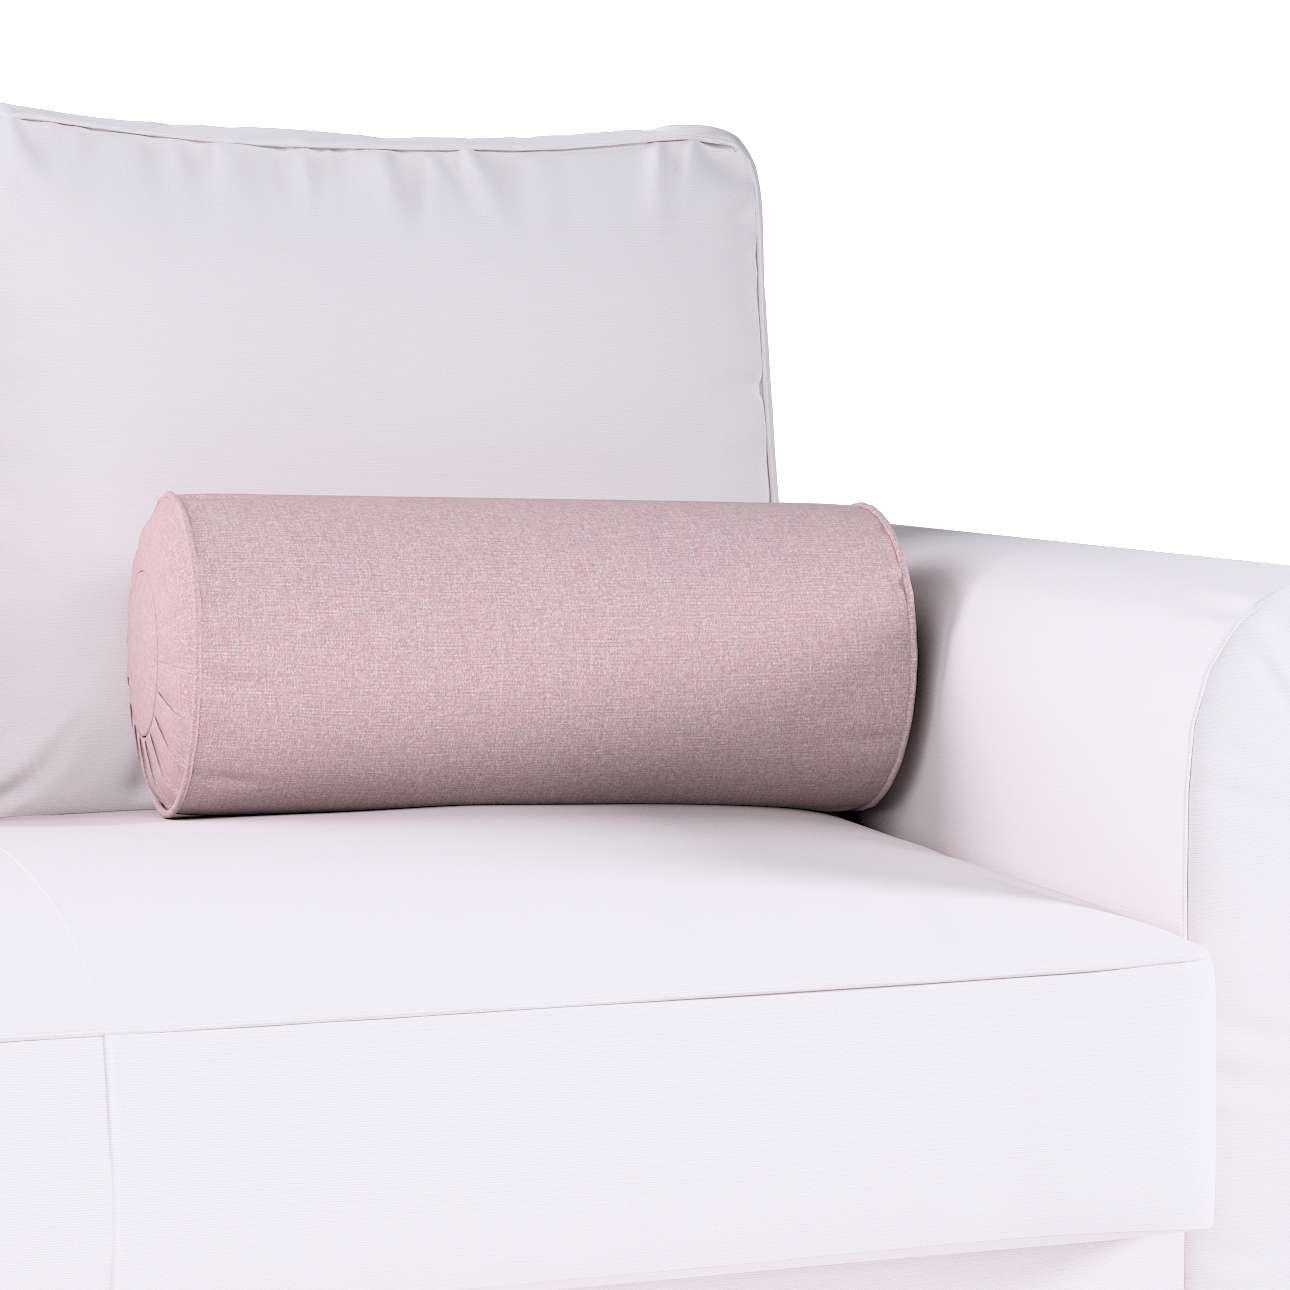 Poduszka wałek z zakładkami w kolekcji Amsterdam, tkanina: 704-51